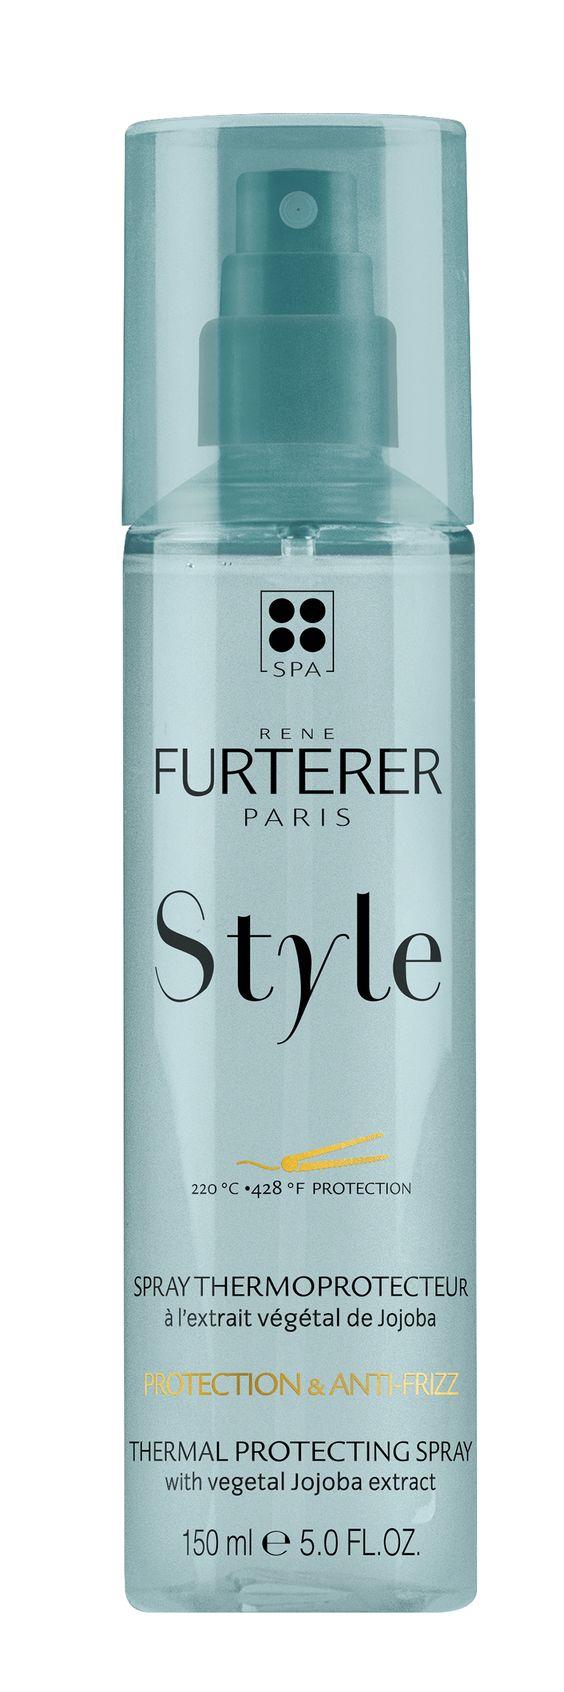 frasco de Spray termoprotector Style de René Furterer